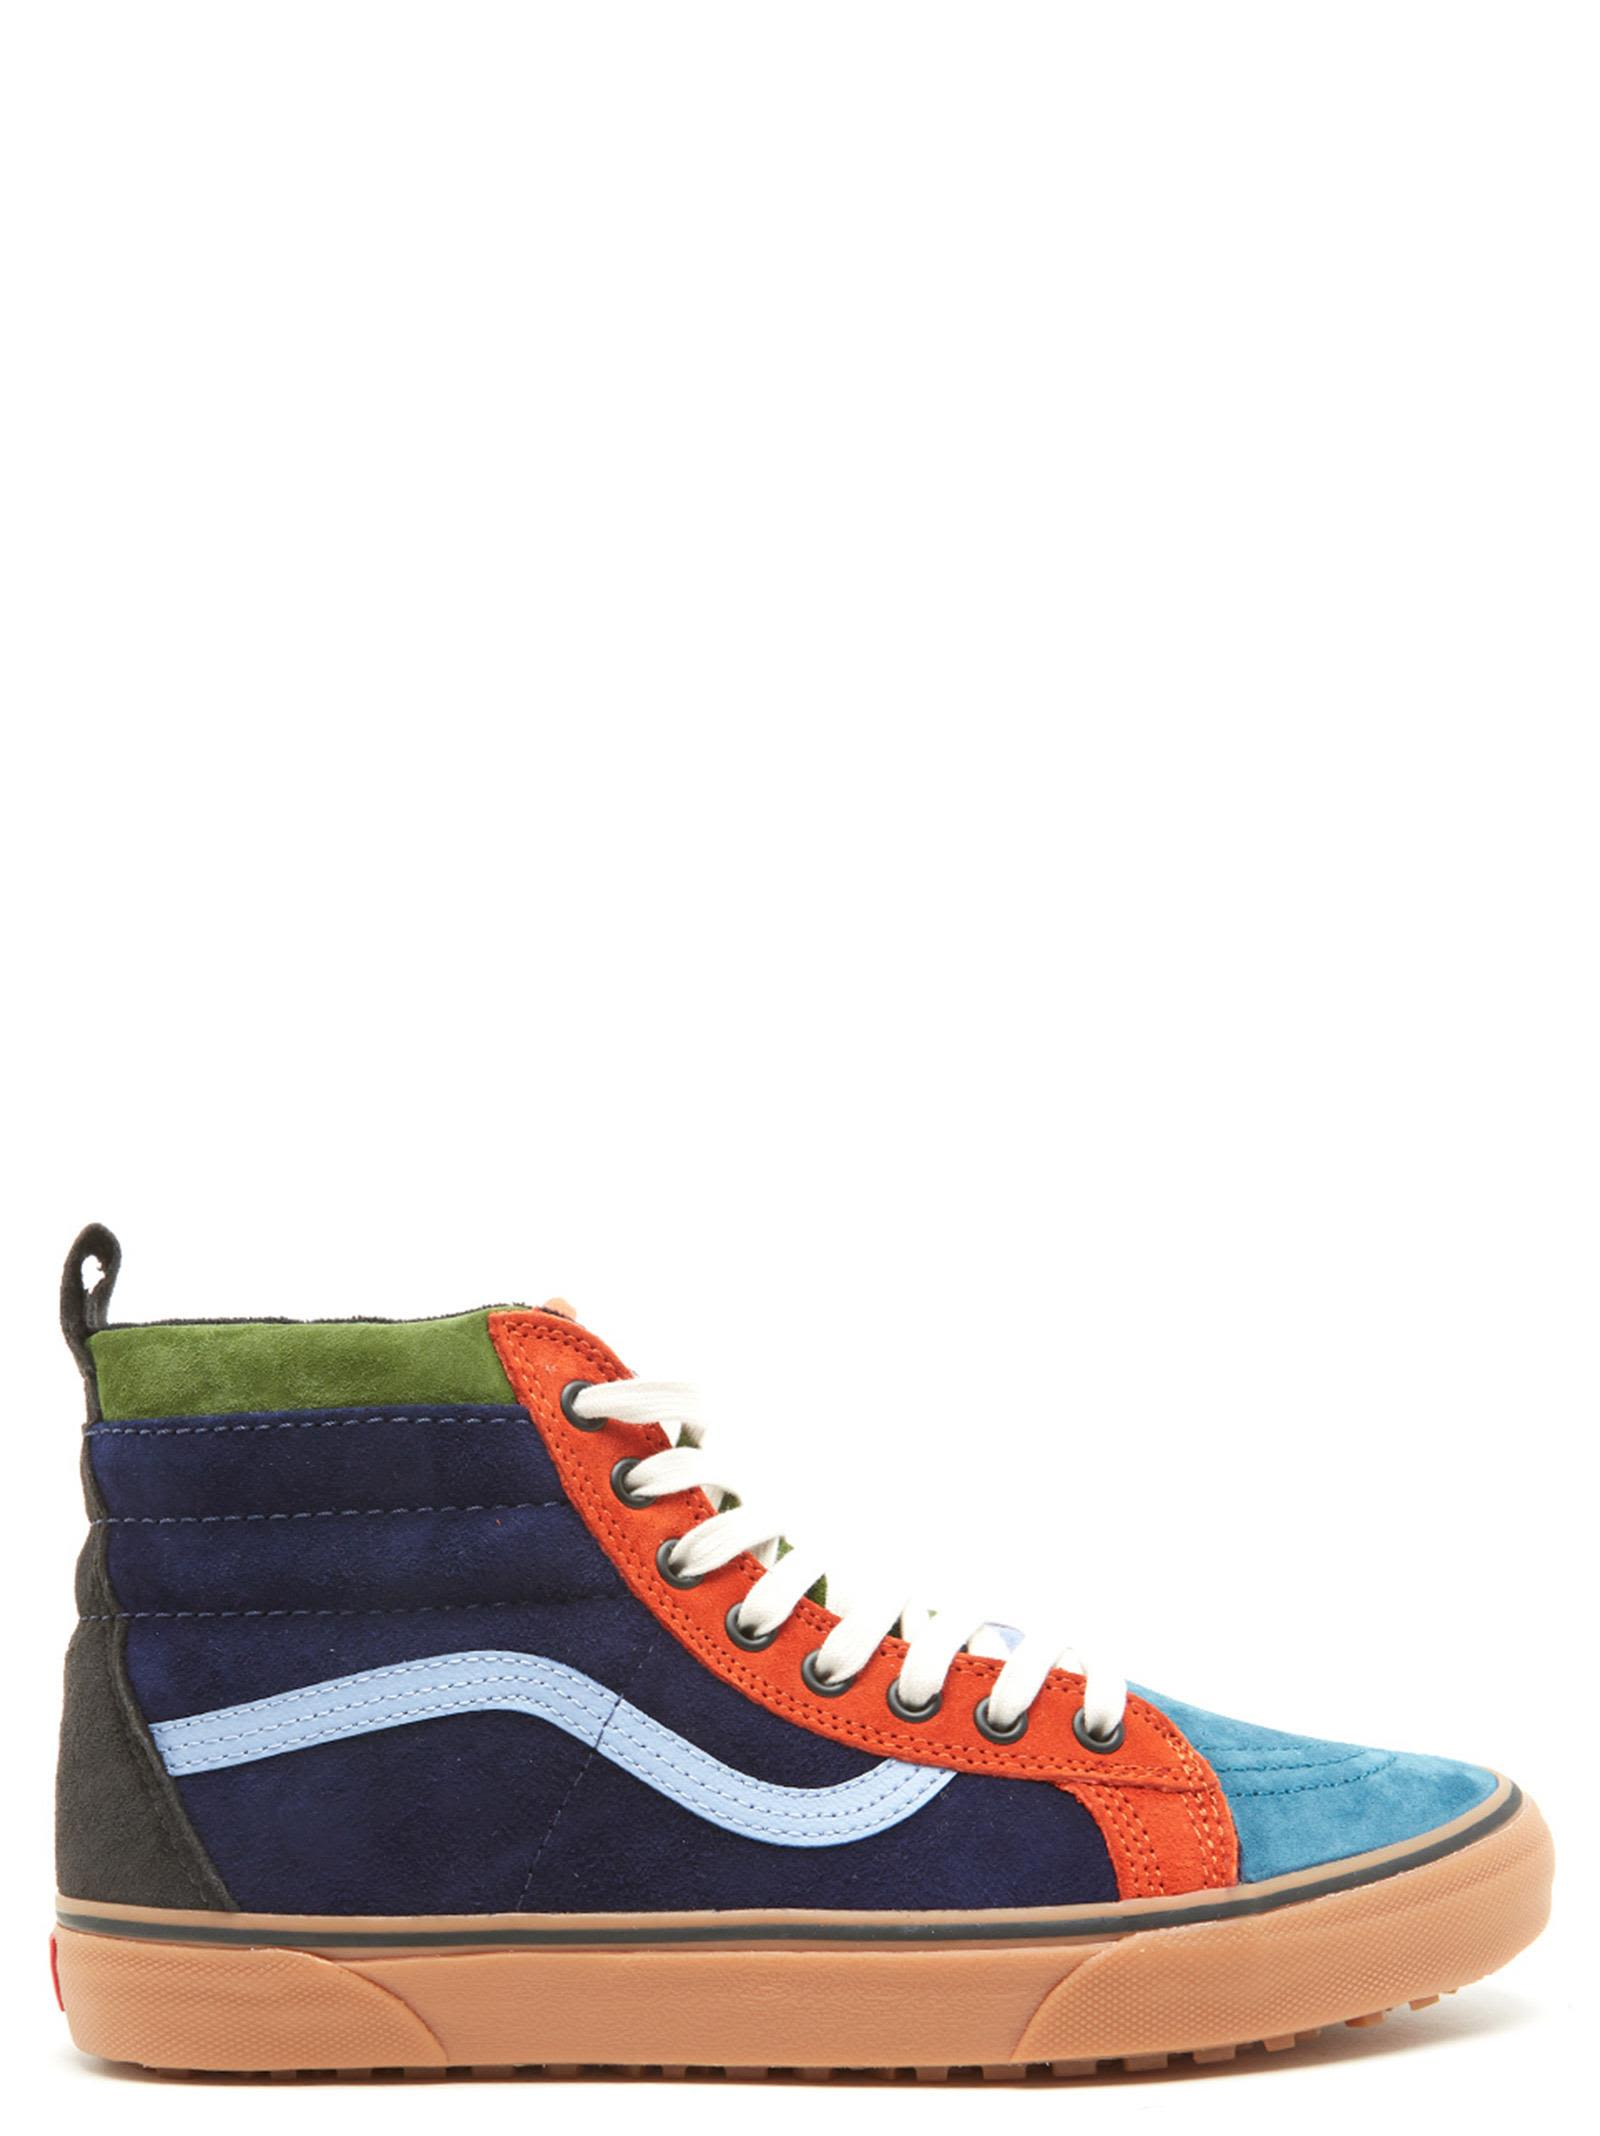 162d8030d41b Vans Vans  sk8-hi Mte  Shoes - Multicolor - 10746137